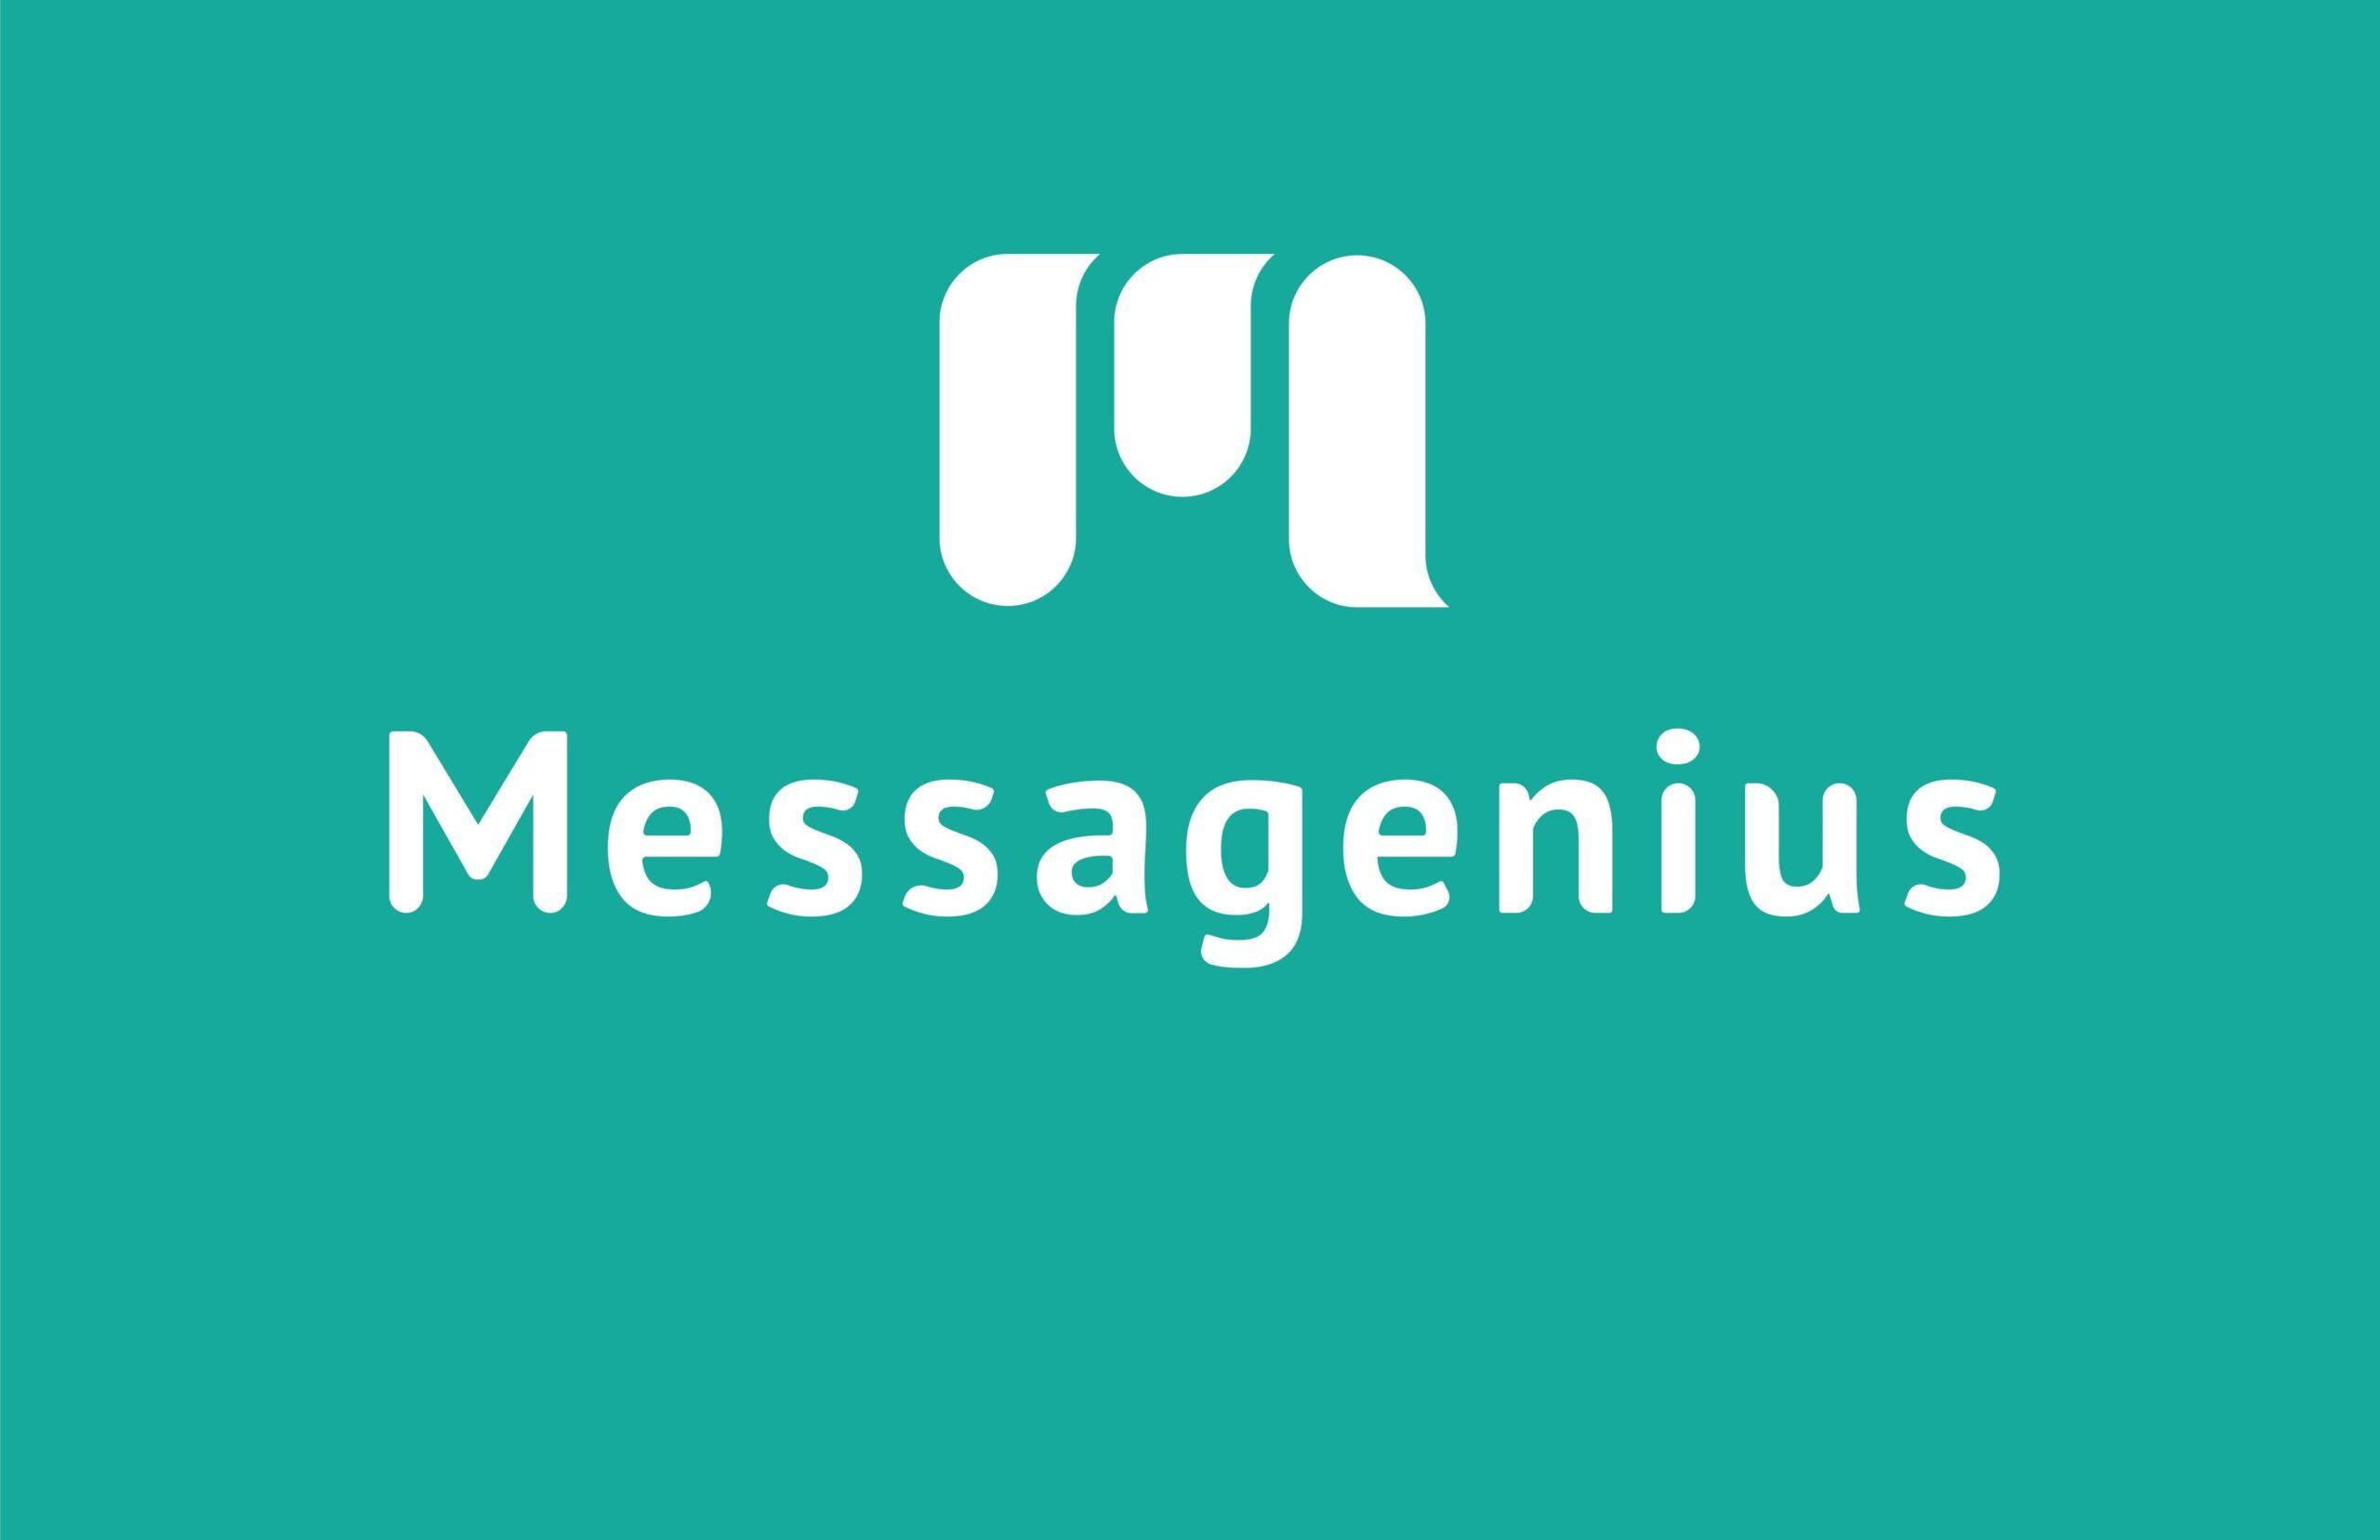 Cybersecurity: ecco Messagenius, l'app di messaggistica istantanea enterprise che assicura la protezione e la proprietà dei dati e delle conversazioni